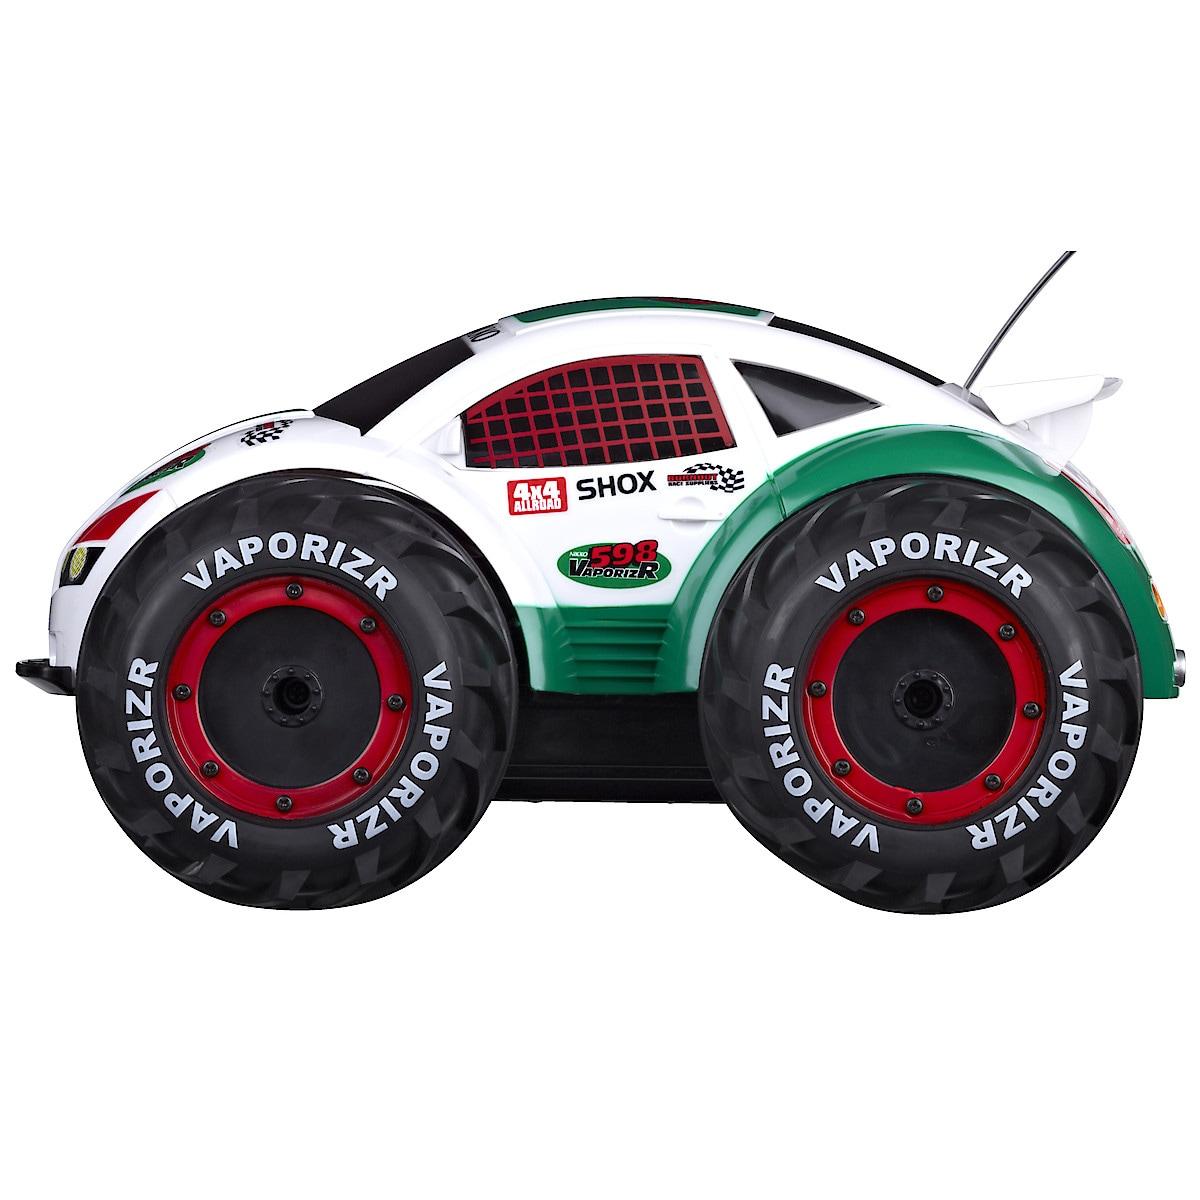 Radio-ohjattava auto Vaporizer Nikko